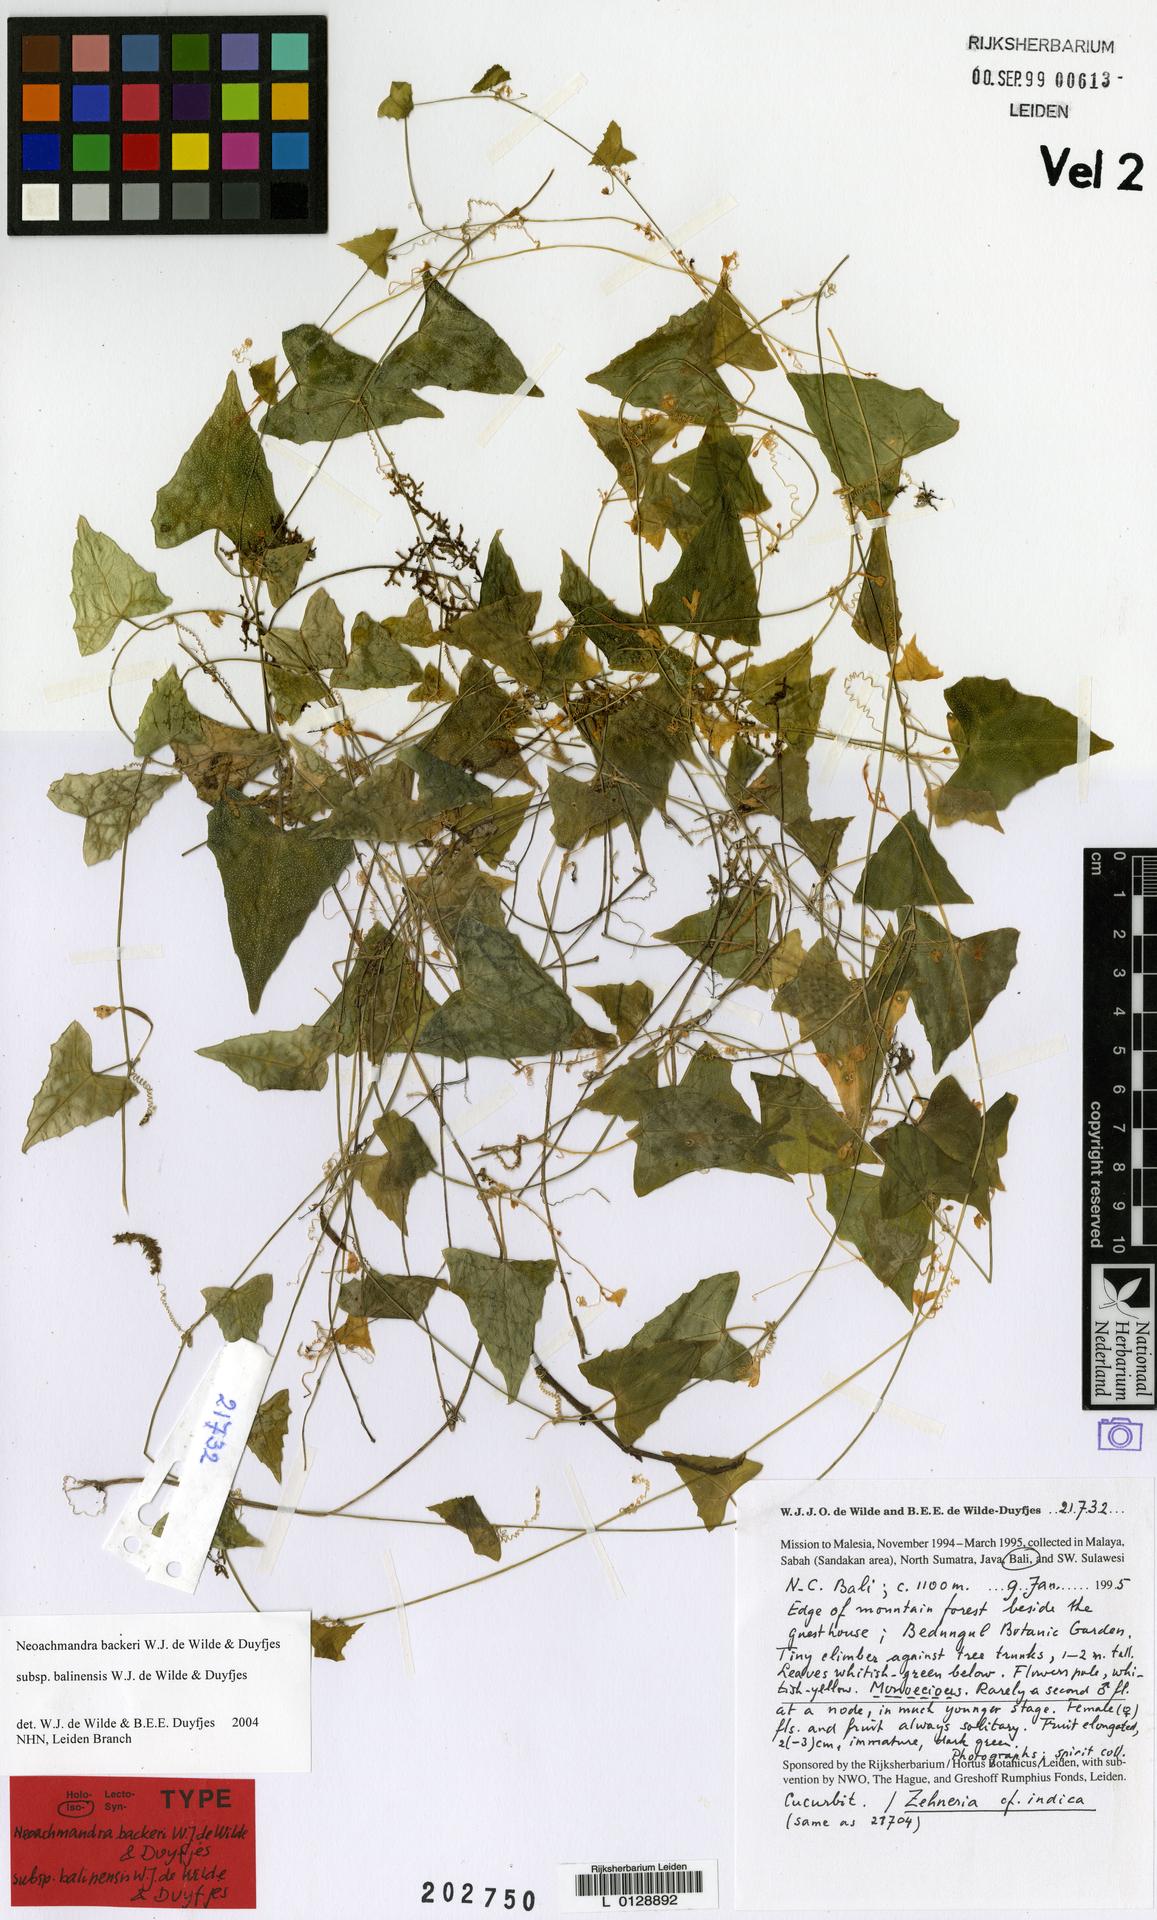 L  0128892   Neoachmandra backeri subsp. balinensis W.J.de Wilde & Duyfjes